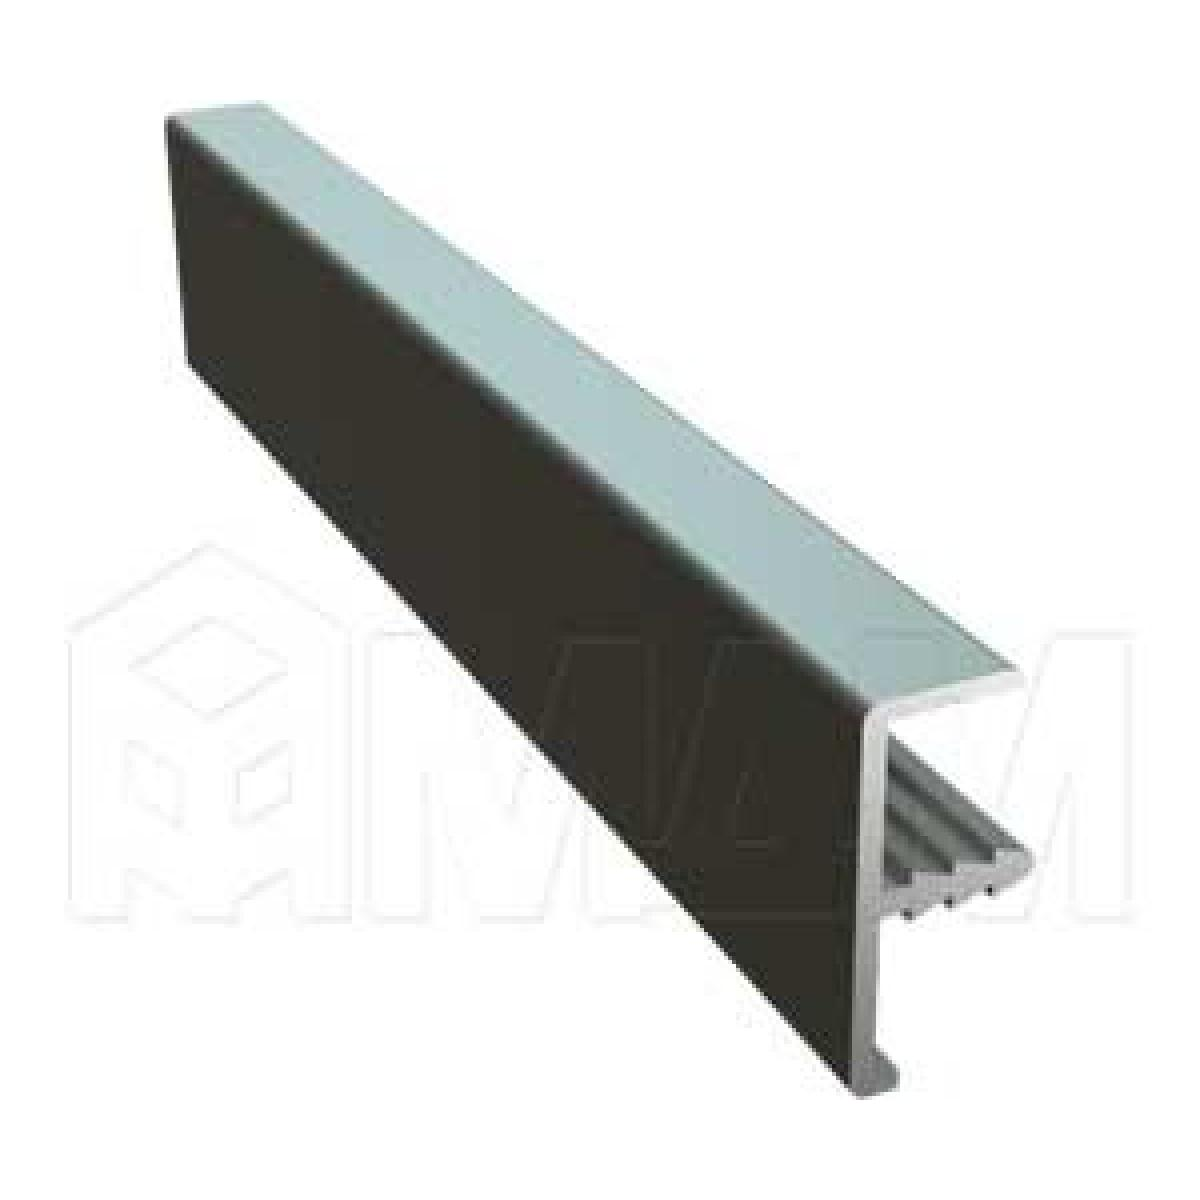 INTEGRO Профиль окантовочный врезной, для плиты 18 мм, 20х9х8, серебро, L-6000